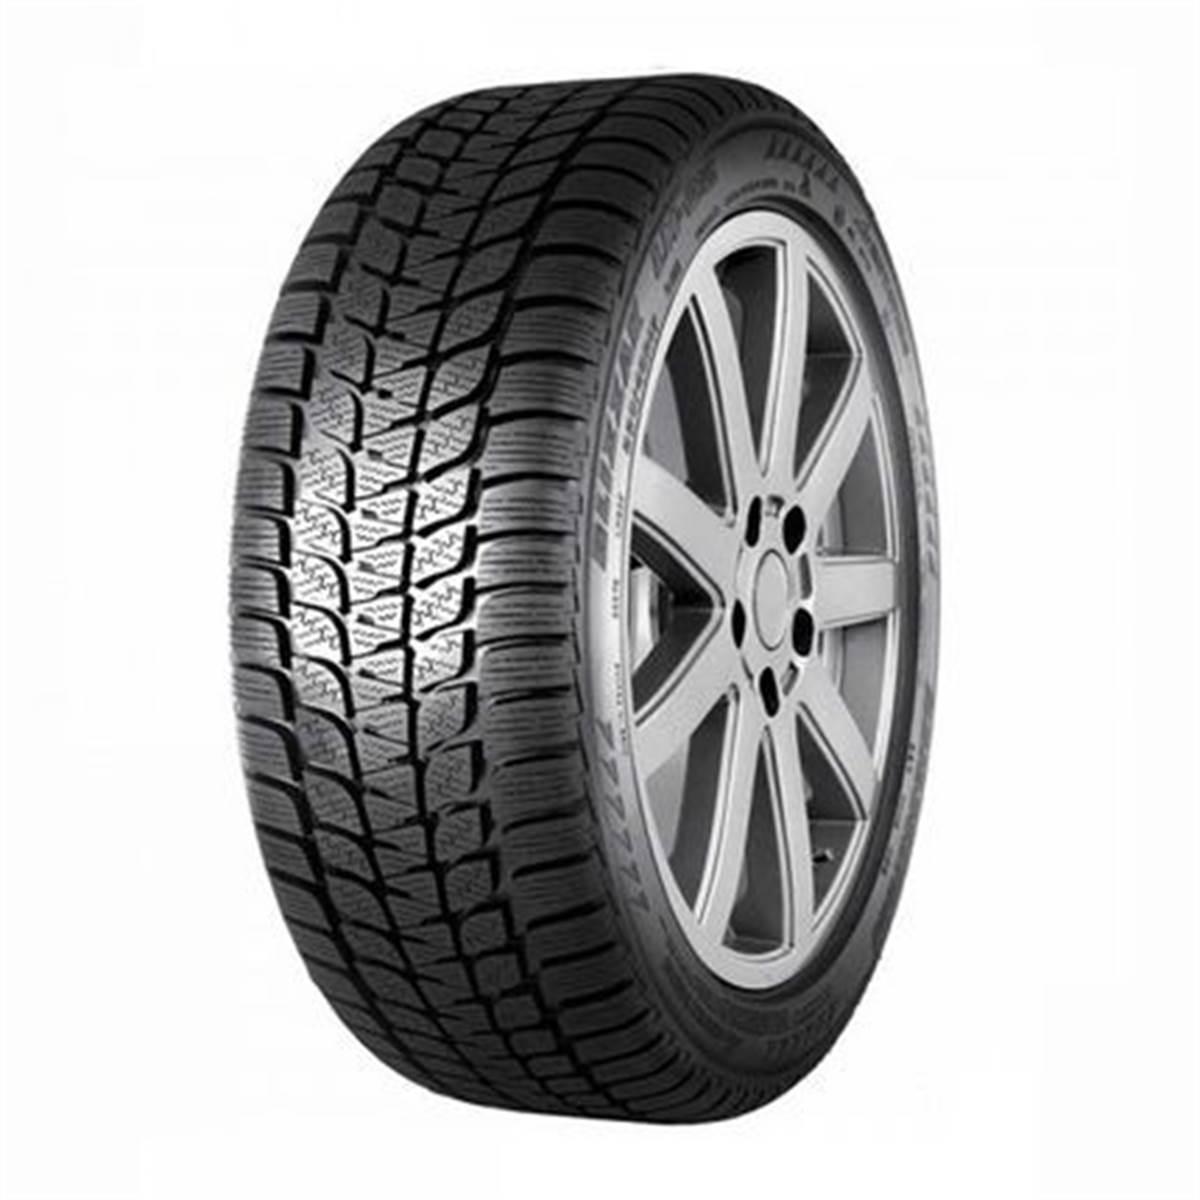 Comparer les prix des pneus Bridgestone Blizzak LM-25